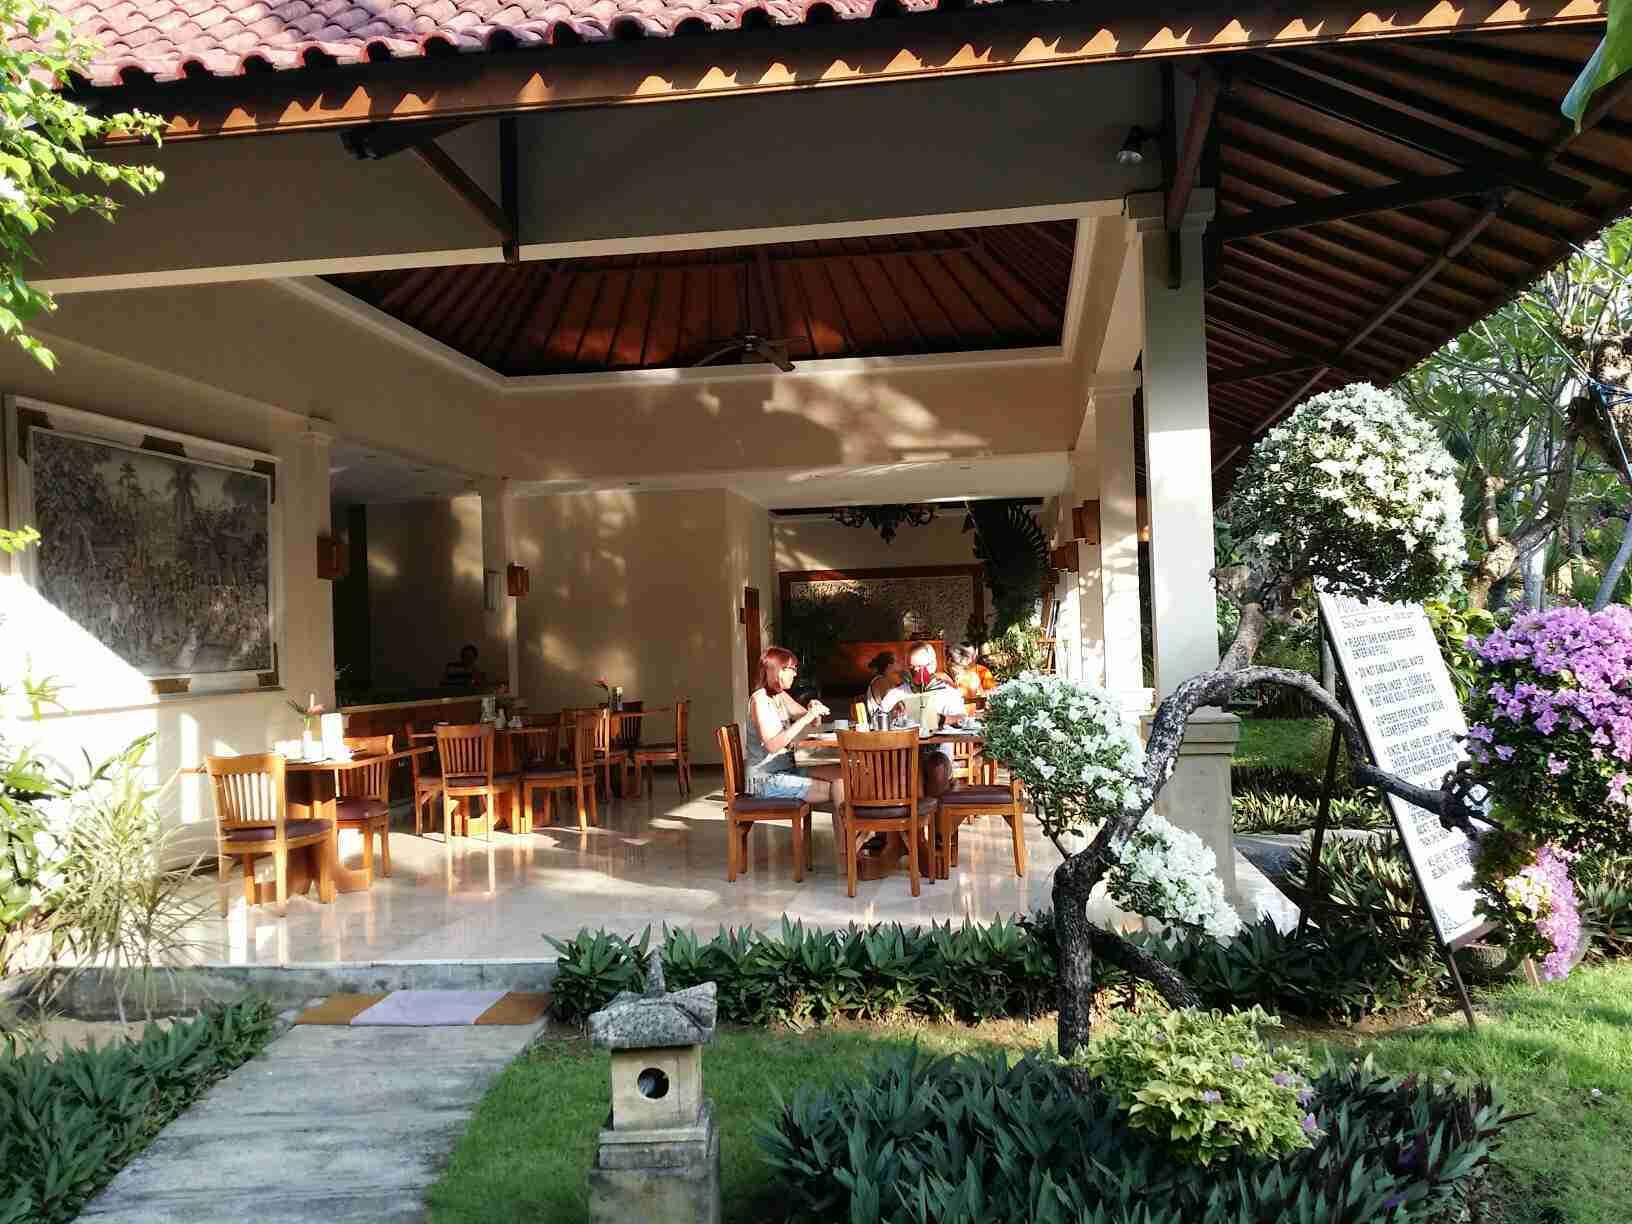 帕瑞伽塔温泉别墅酒店